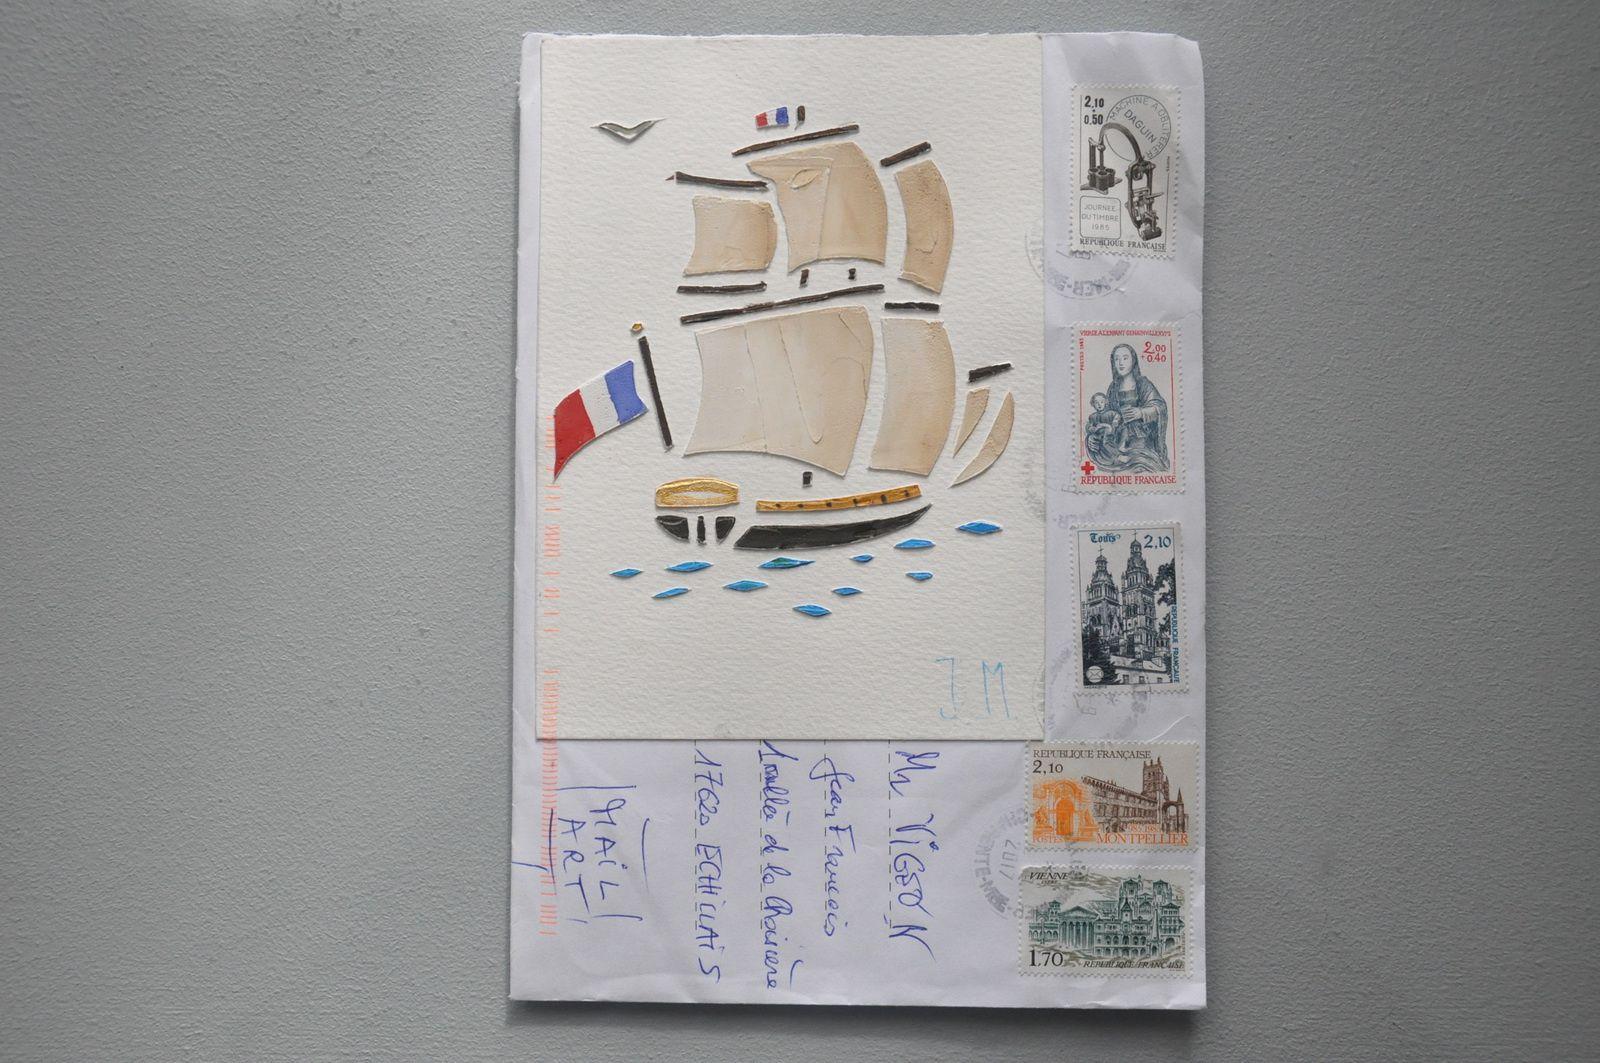 Je n'oublie pas bien sûr les créations de Jean-Michel Trouche! Merci!